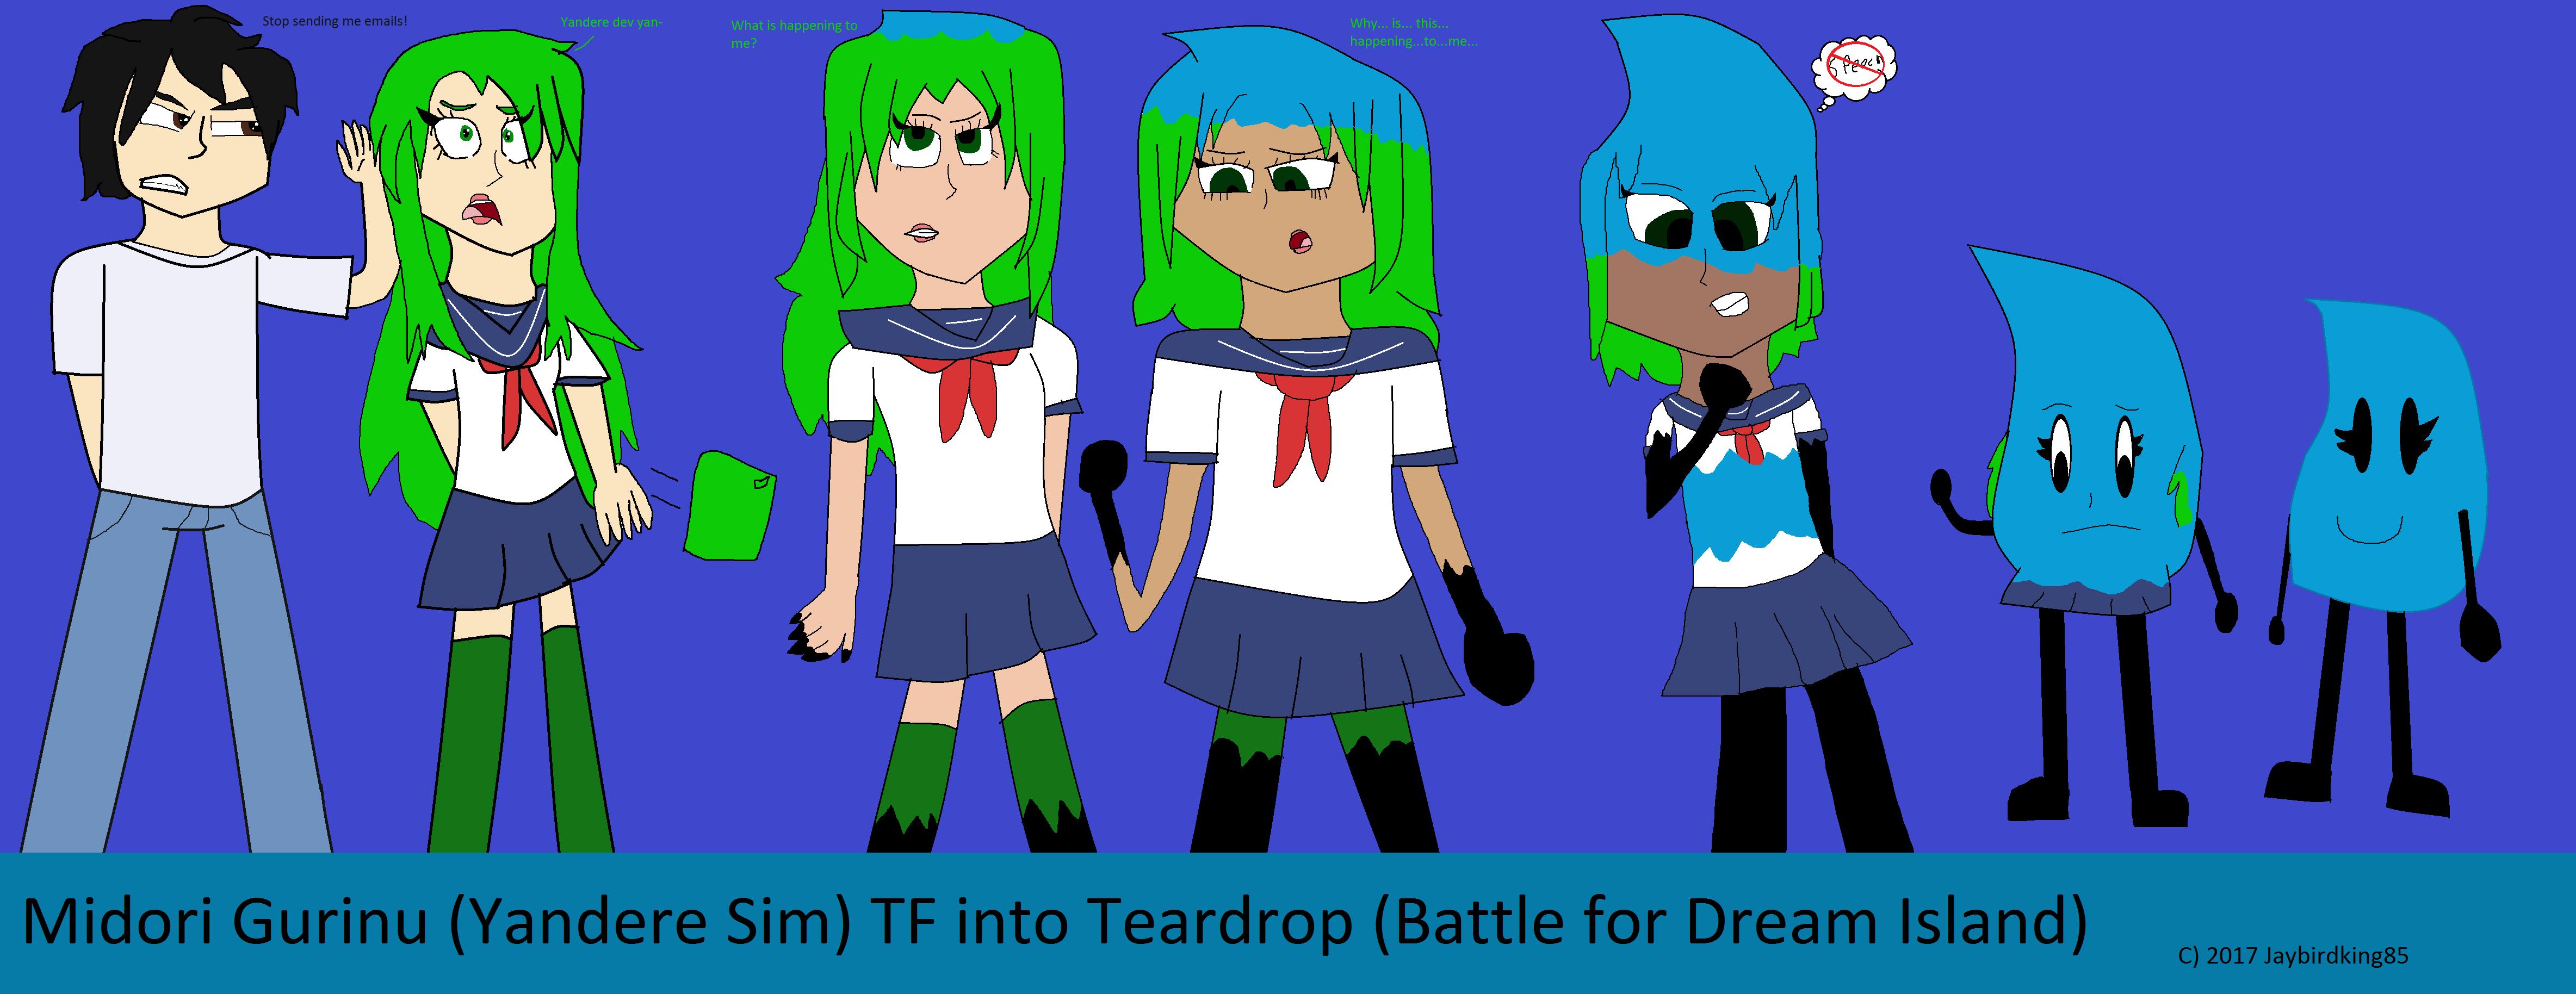 Midori TF Teardrop by jaybirdking85 on DeviantArt